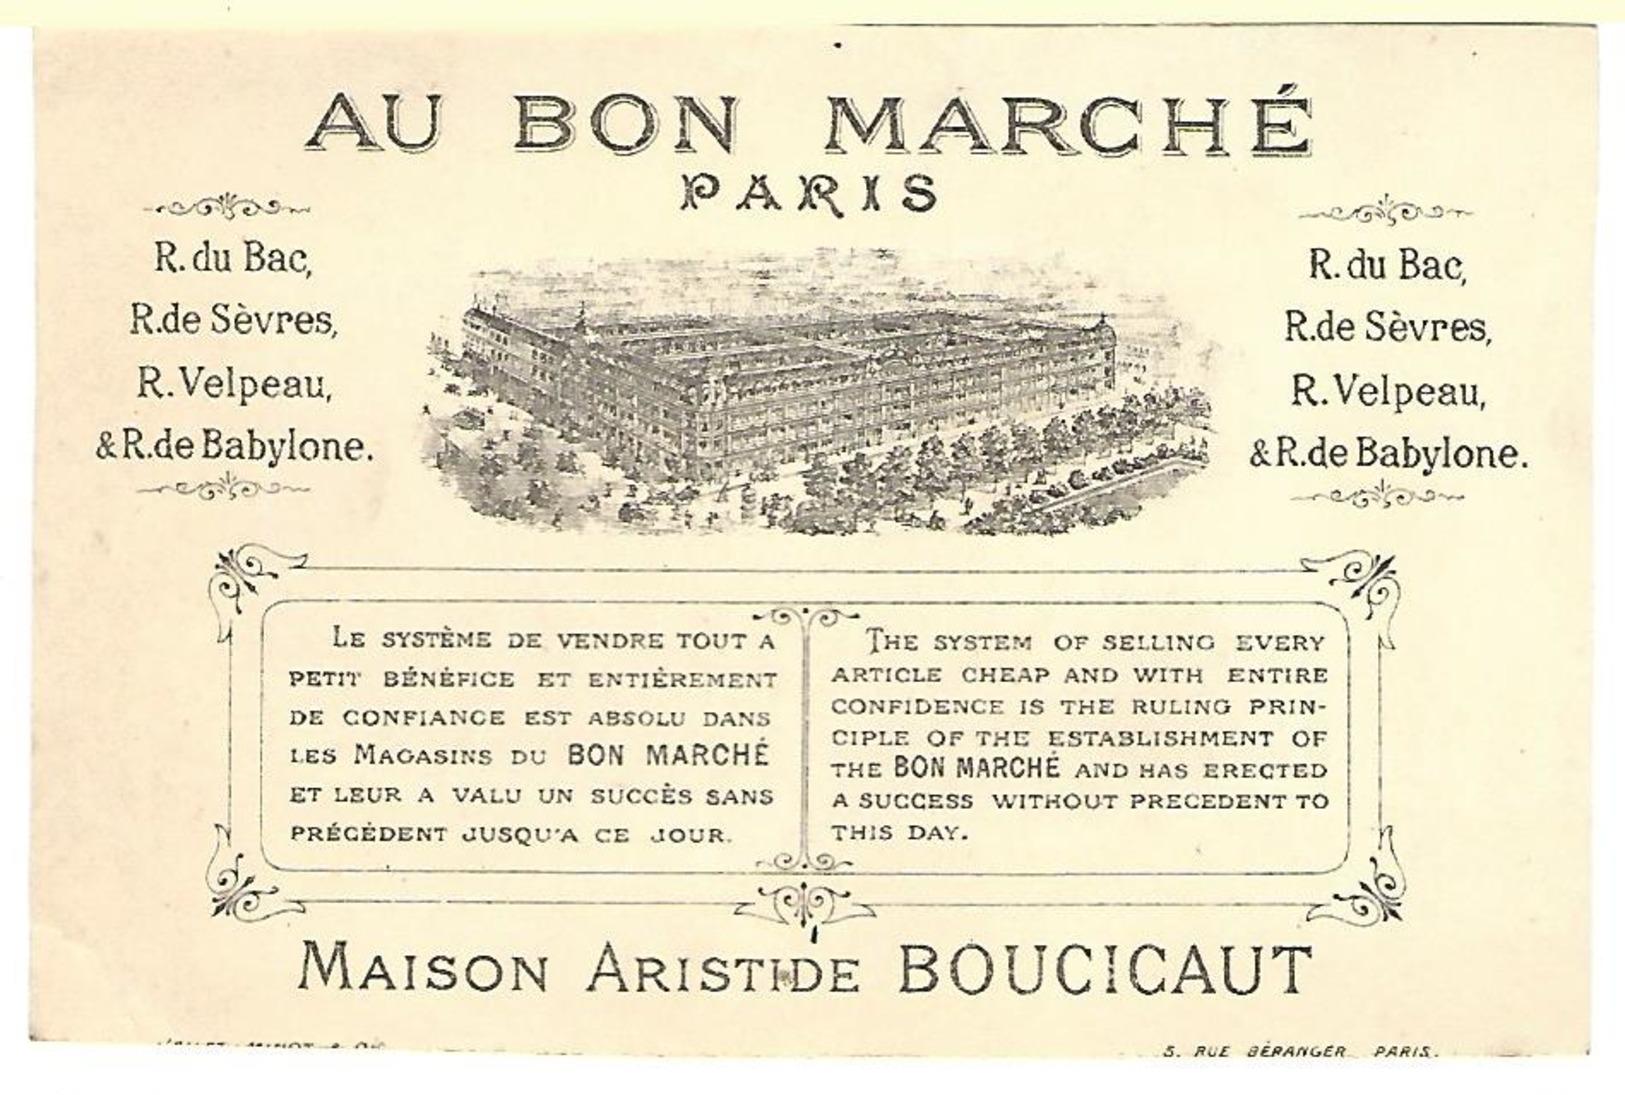 CHROMO AU BON MARCHE FILLETTE JEU CERCEAU - Au Bon Marché